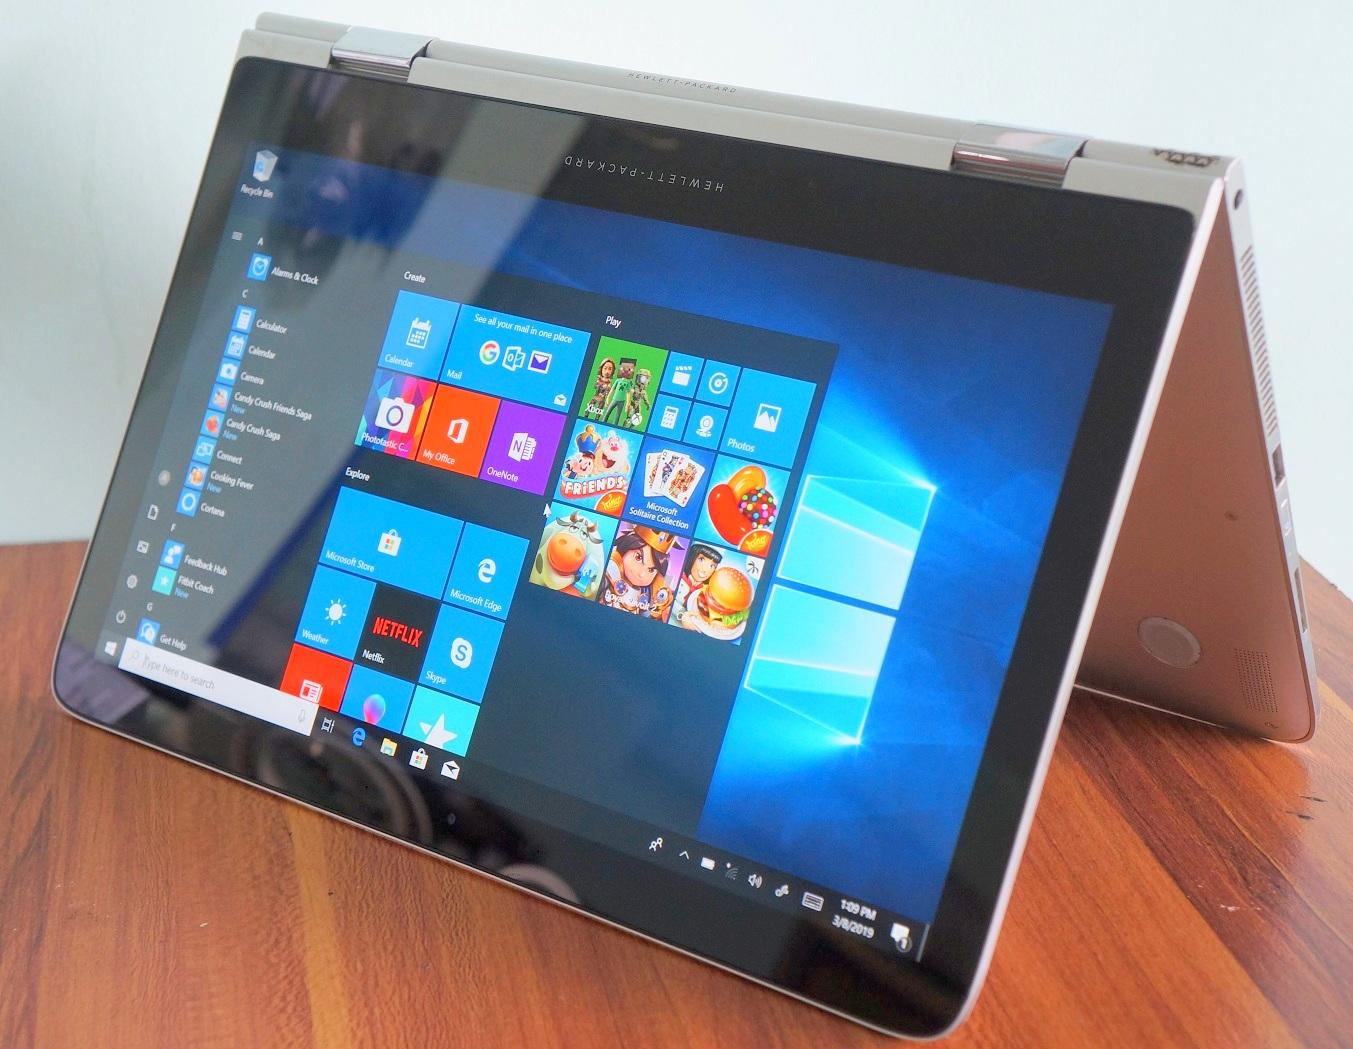 Jual Hp Spectre X360 Hp 13 4003dx Jual Beli Laptop Second Dan Kamera Bekas Di Malang